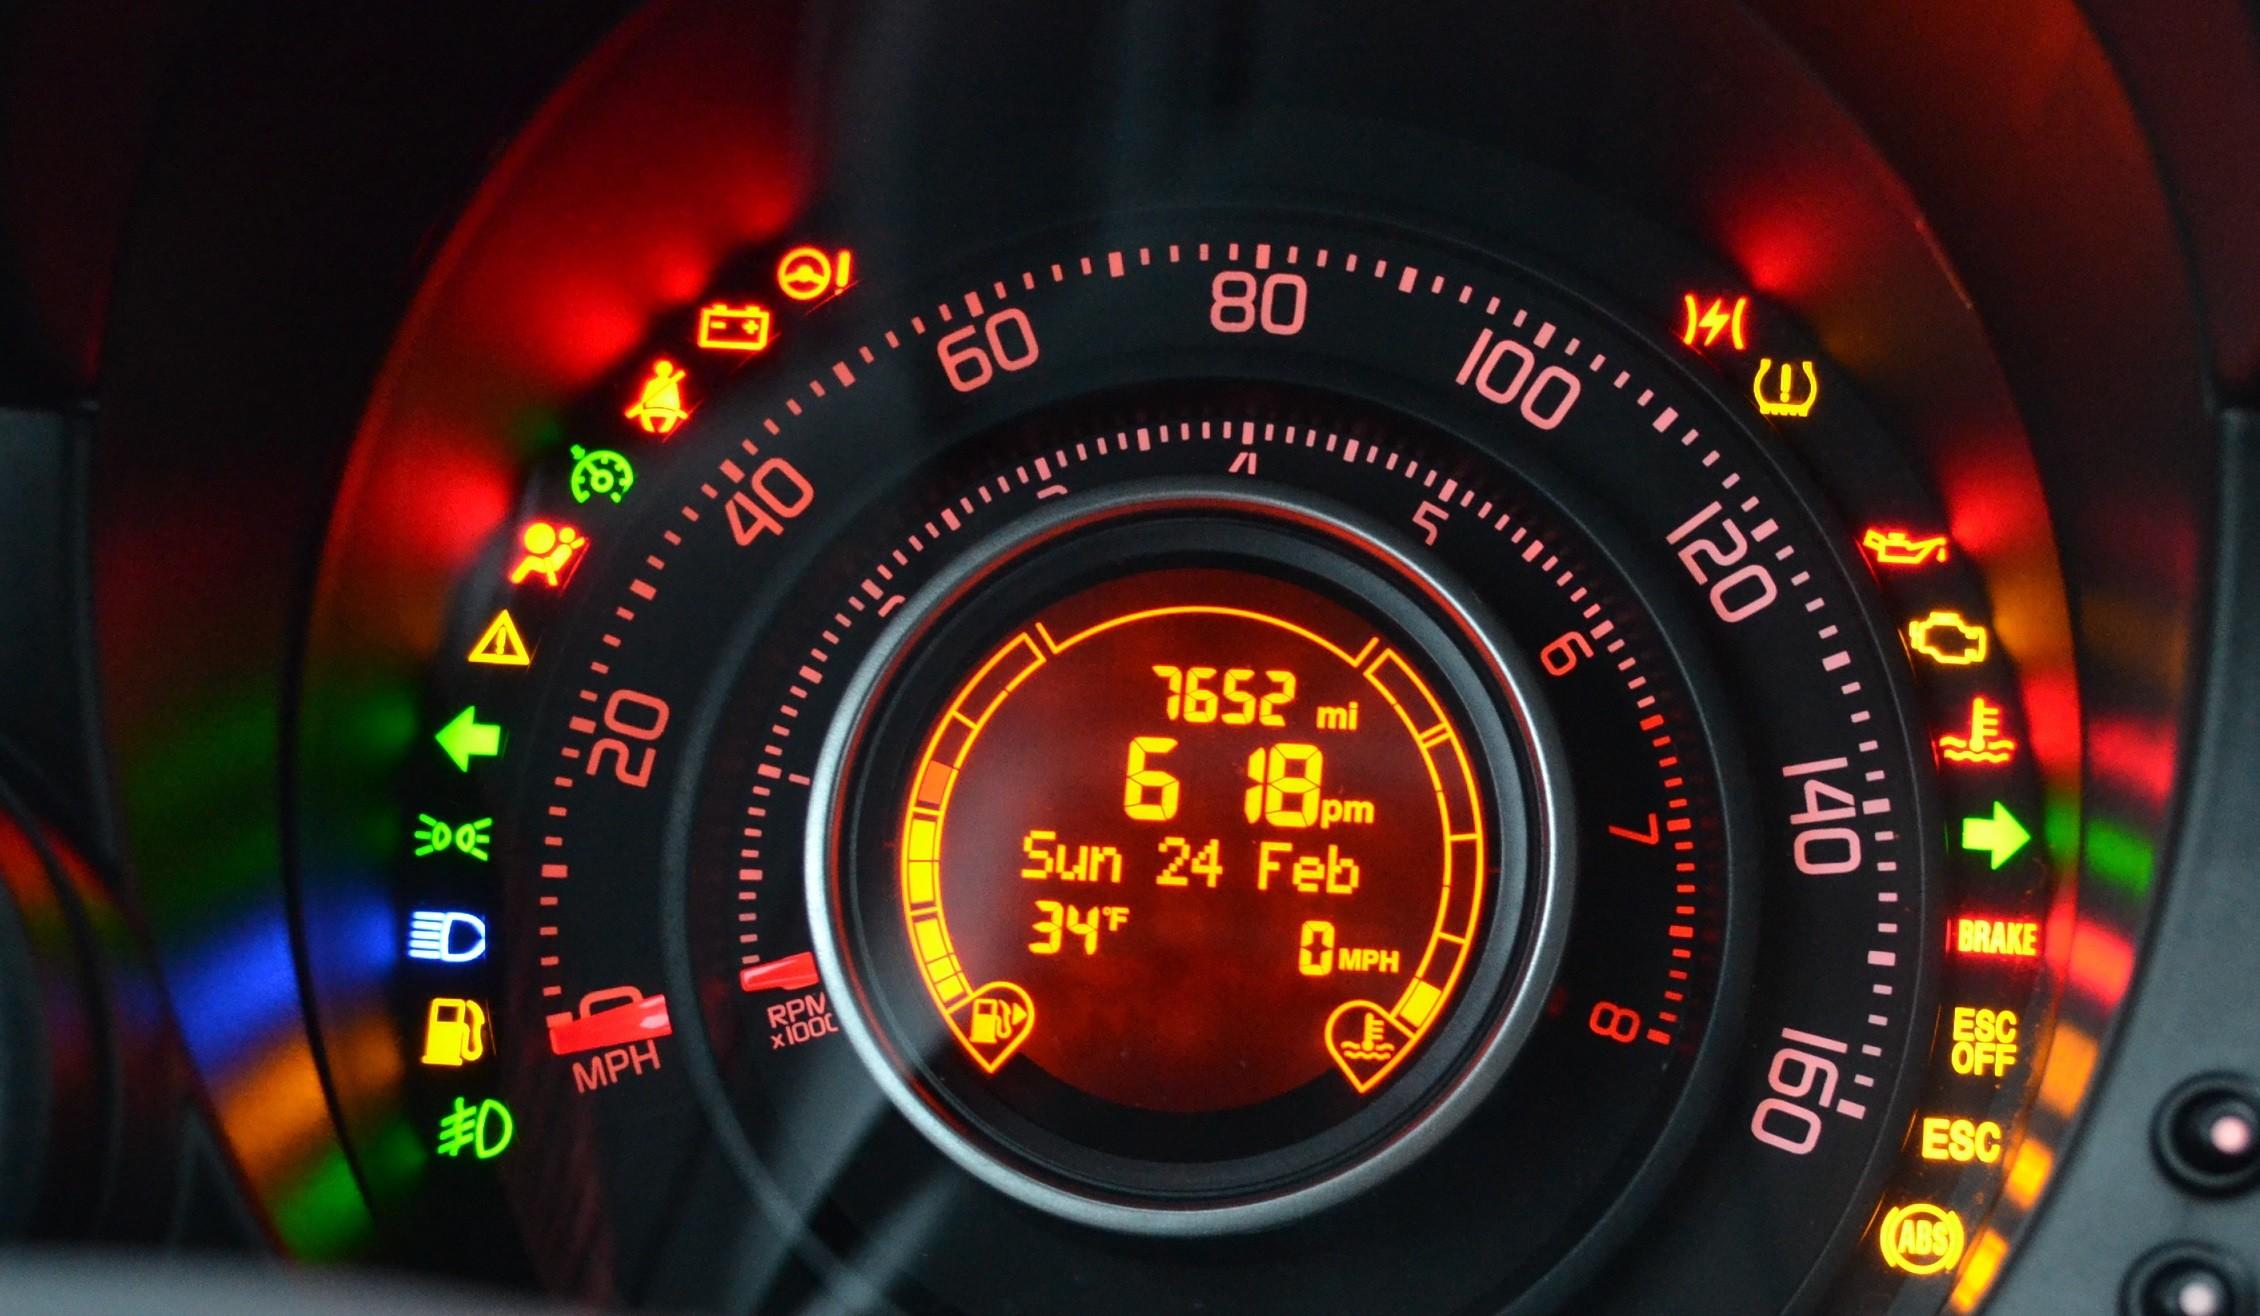 2001 Suzuki Grand Vitara Engine Diagram